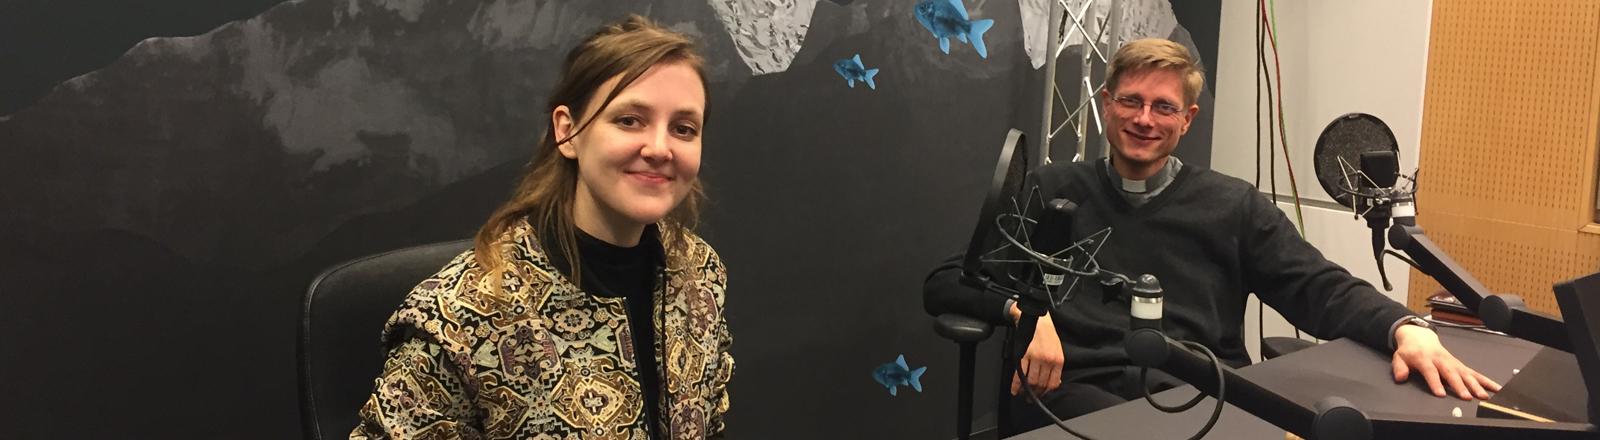 Journalistin Valerie Schönian und Kaplan Franziskus von Boeselager